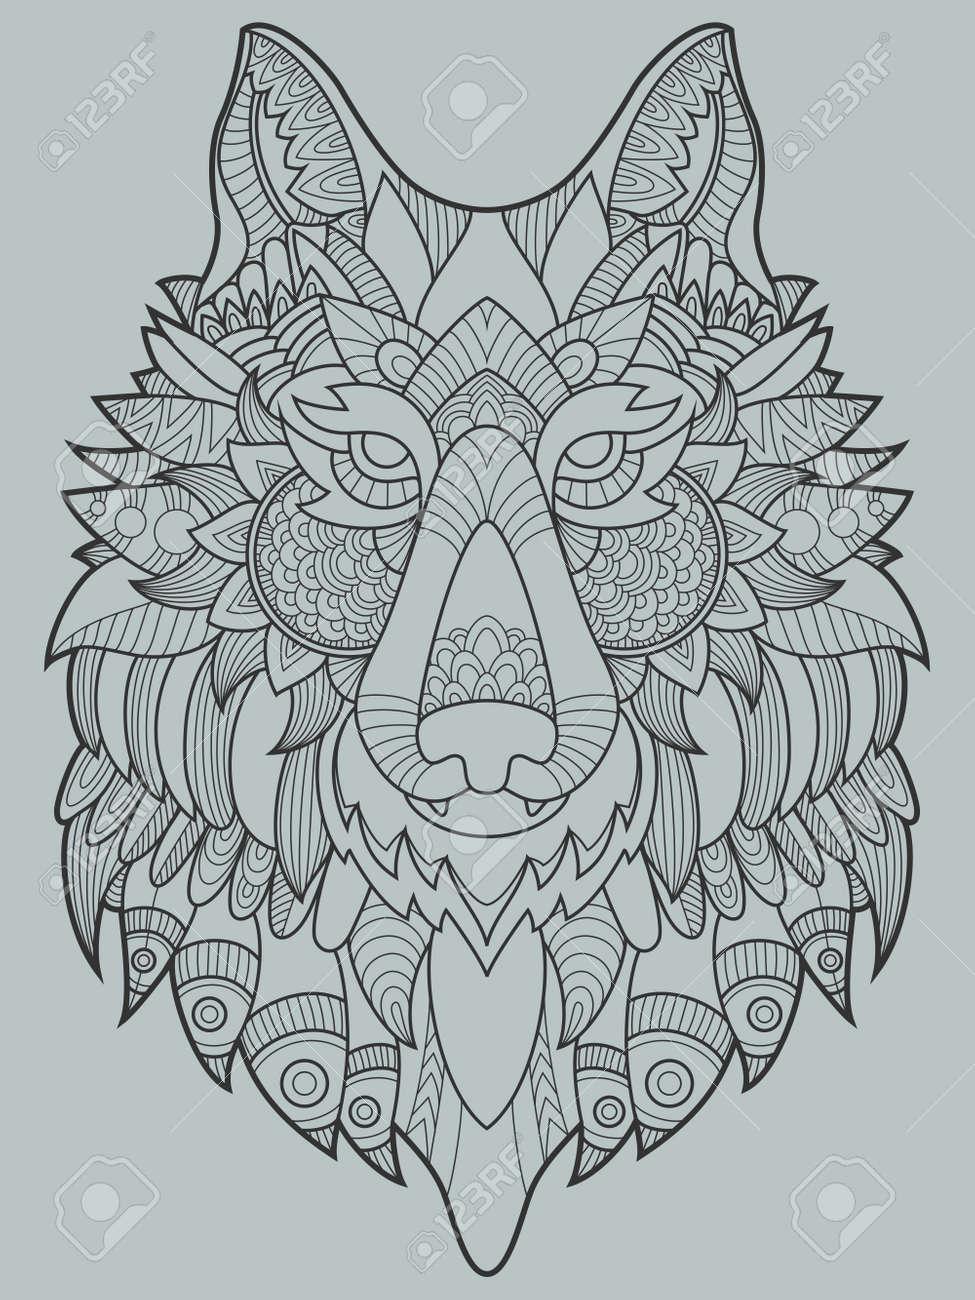 Libro Para Colorear Lobo Para La Ilustración Vectorial Adultos Antiestrés Colorear Para Adultos Plantilla Del Tatuaje Líneas Blancas Y Negras